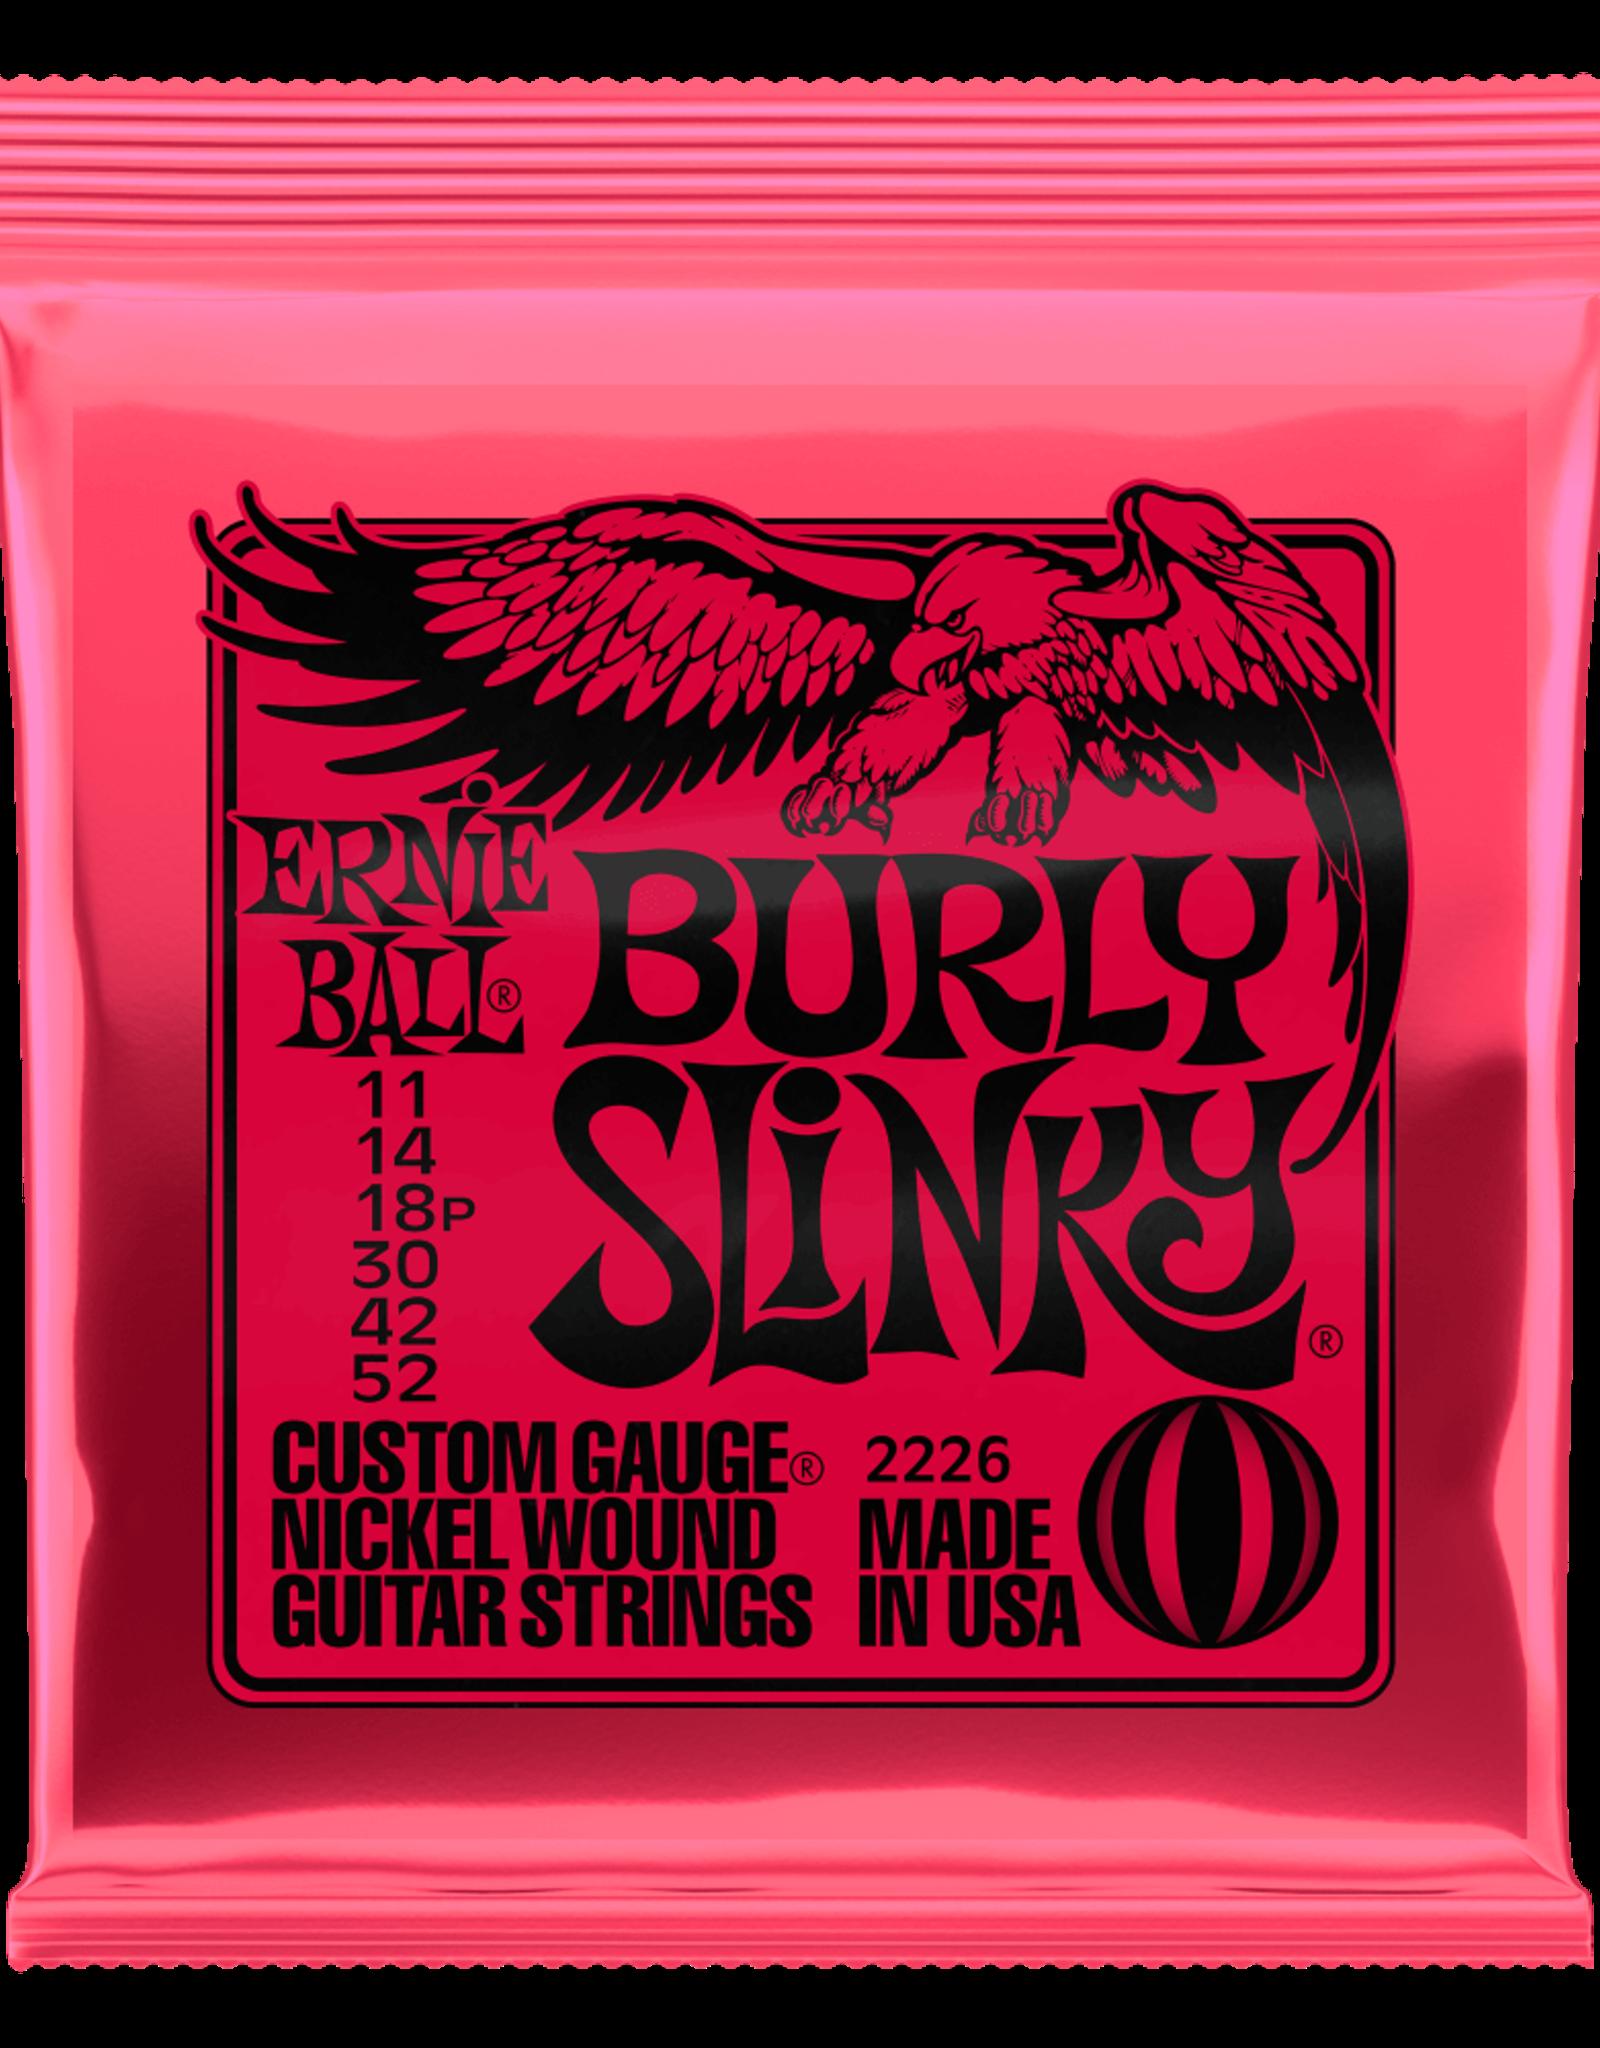 Ernie Ball Burly Slinky Nickel wound Electric Guitar Strings 11 - 52 Gauge